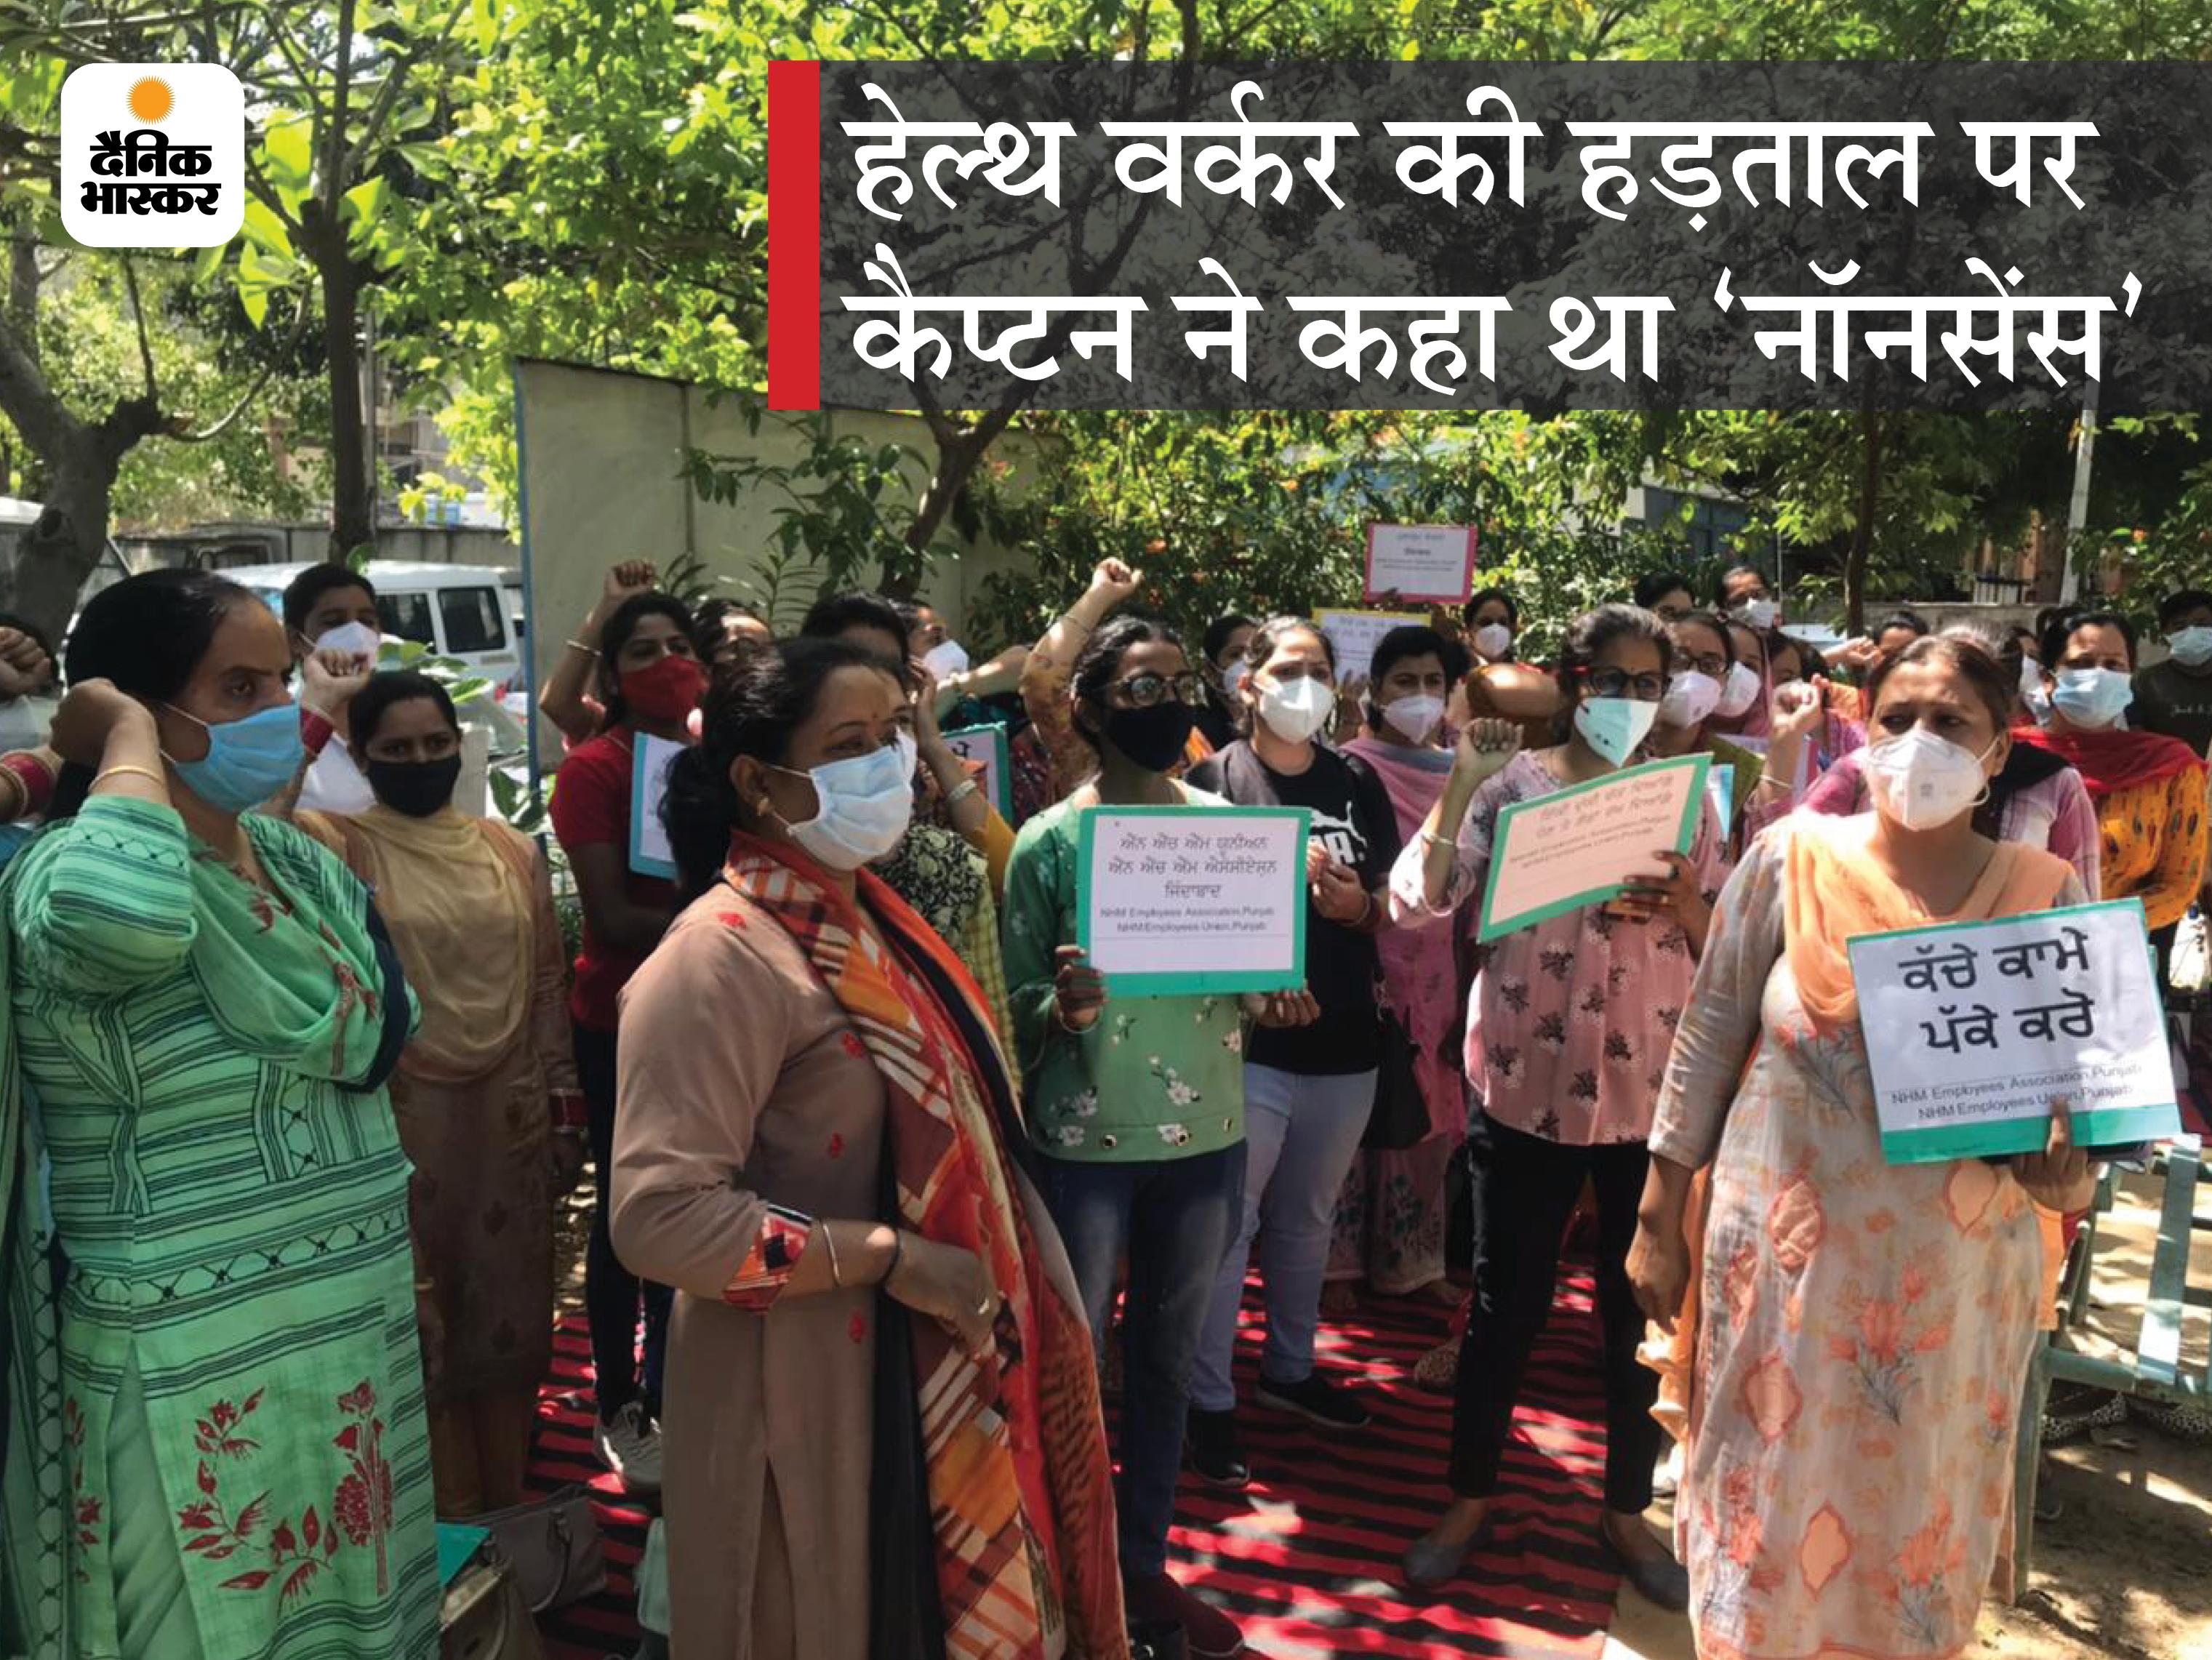 जालंधर में NHM वर्करों का प्रदर्शन, बोले- इमरजेंसी ड्यूटी से लेकर सैंपलिंग और वैक्सीनेशन कर रहे, सरकार धमका रही|जालंधर,Jalandhar - Dainik Bhaskar